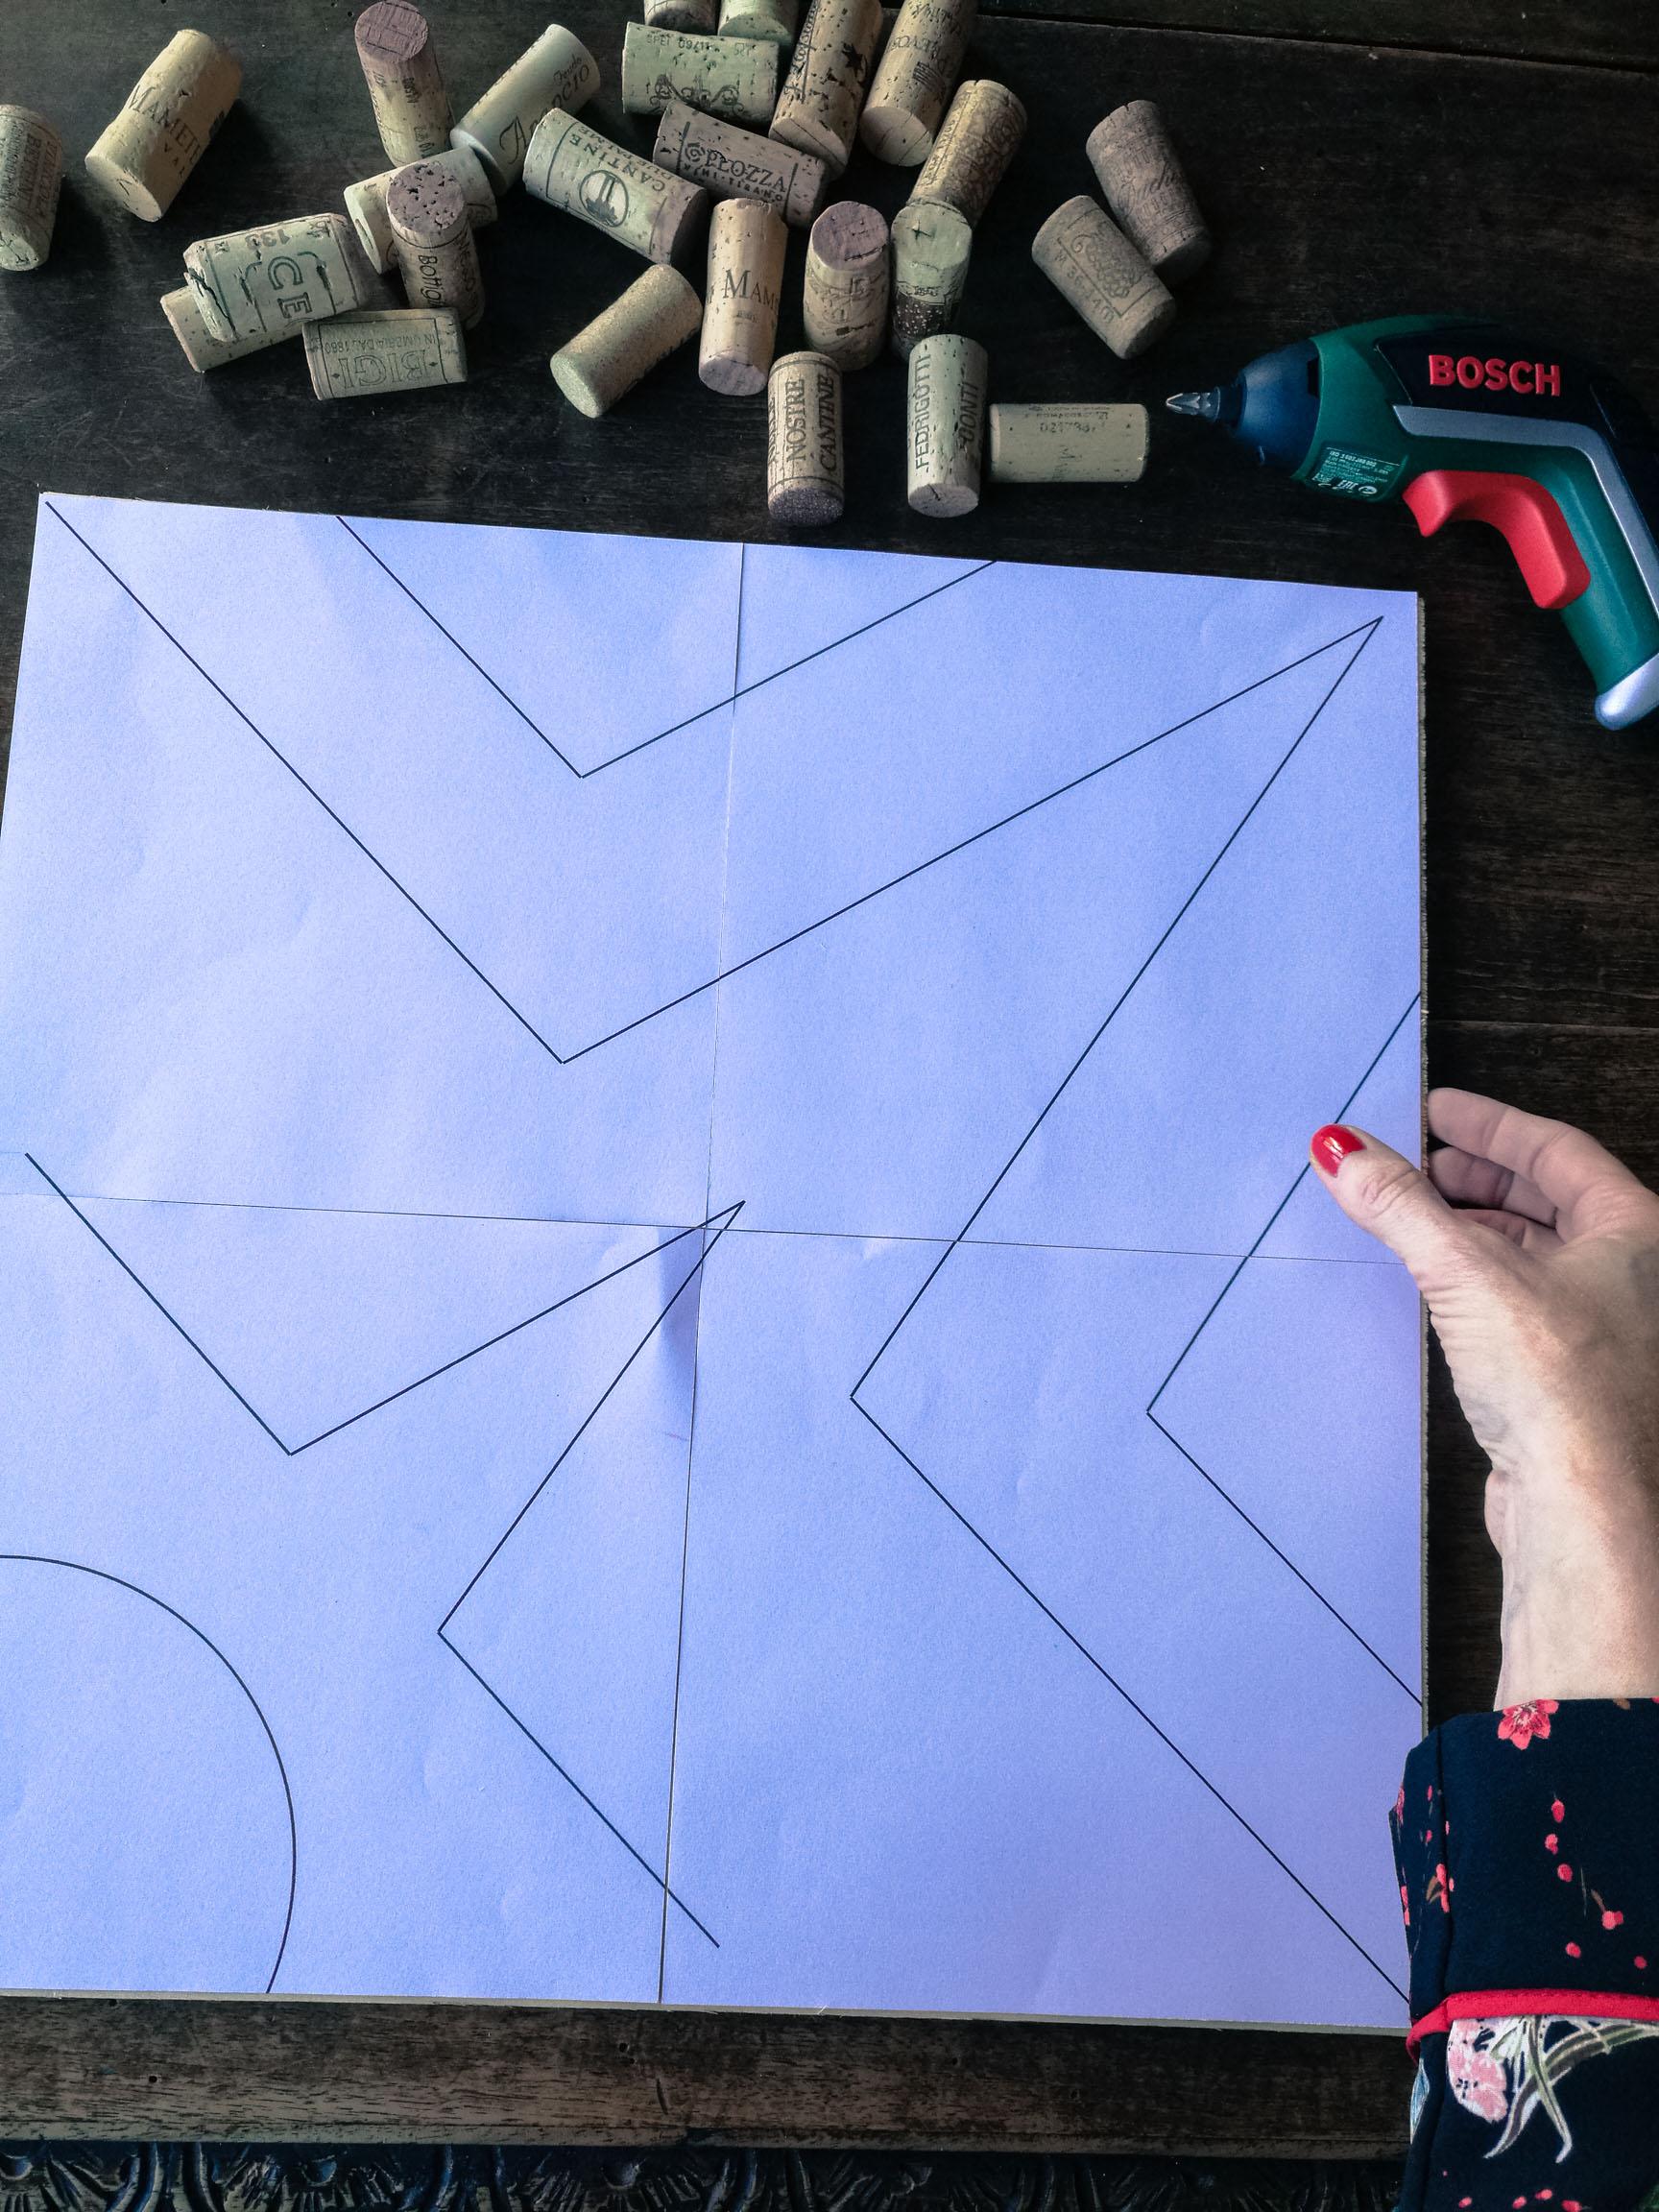 Blossom zine come costruire un'attrezzo per la messa a dimora IXO Bosch